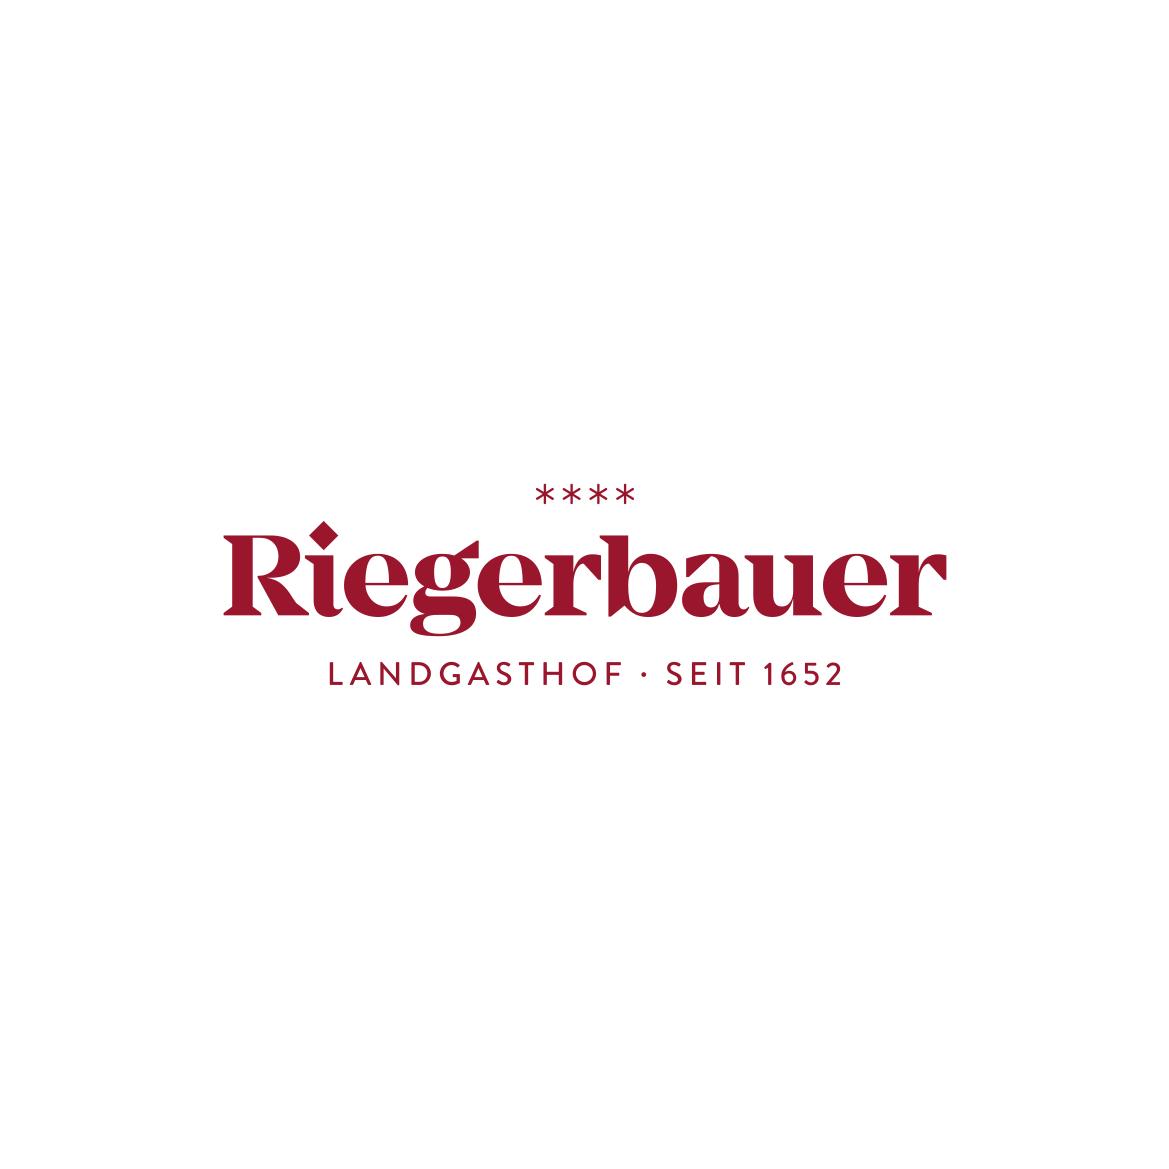 Logo von Landgasthof Riegerbauer